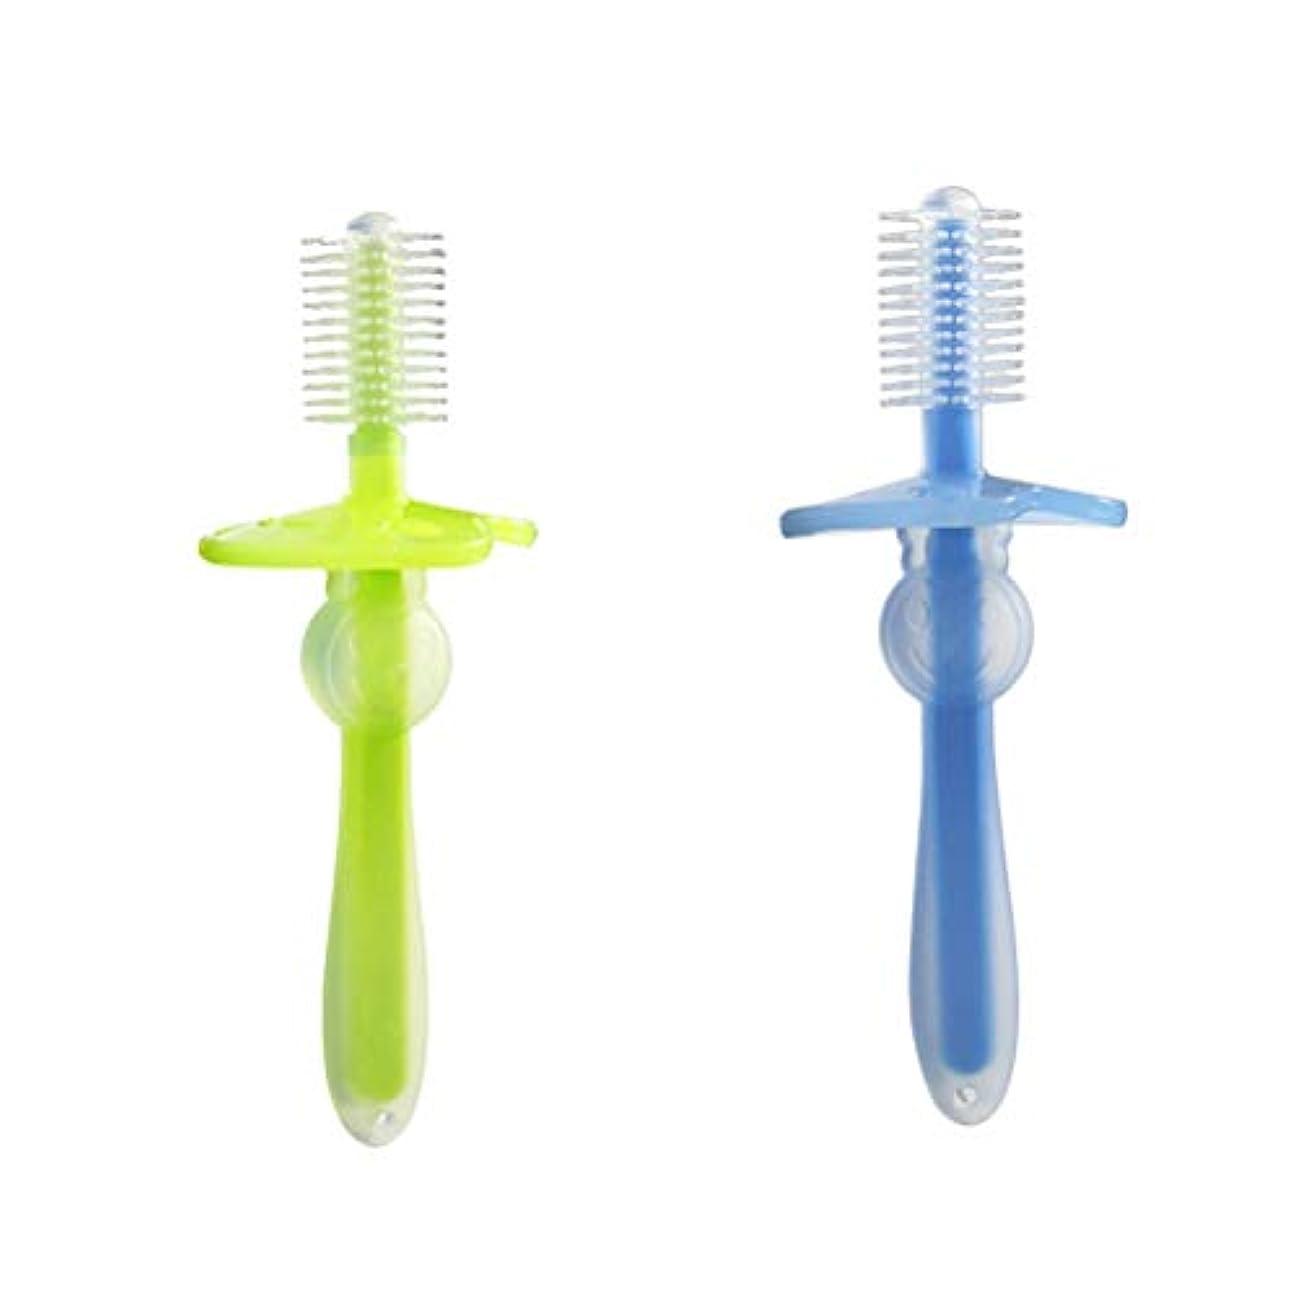 時制慈悲害SUPVOX ベビー歯ブラシ ベビー トレーニング歯ブラシ 赤ちゃん ソフト歯ブラシ シリコーン 2本入(ランダムカラー)